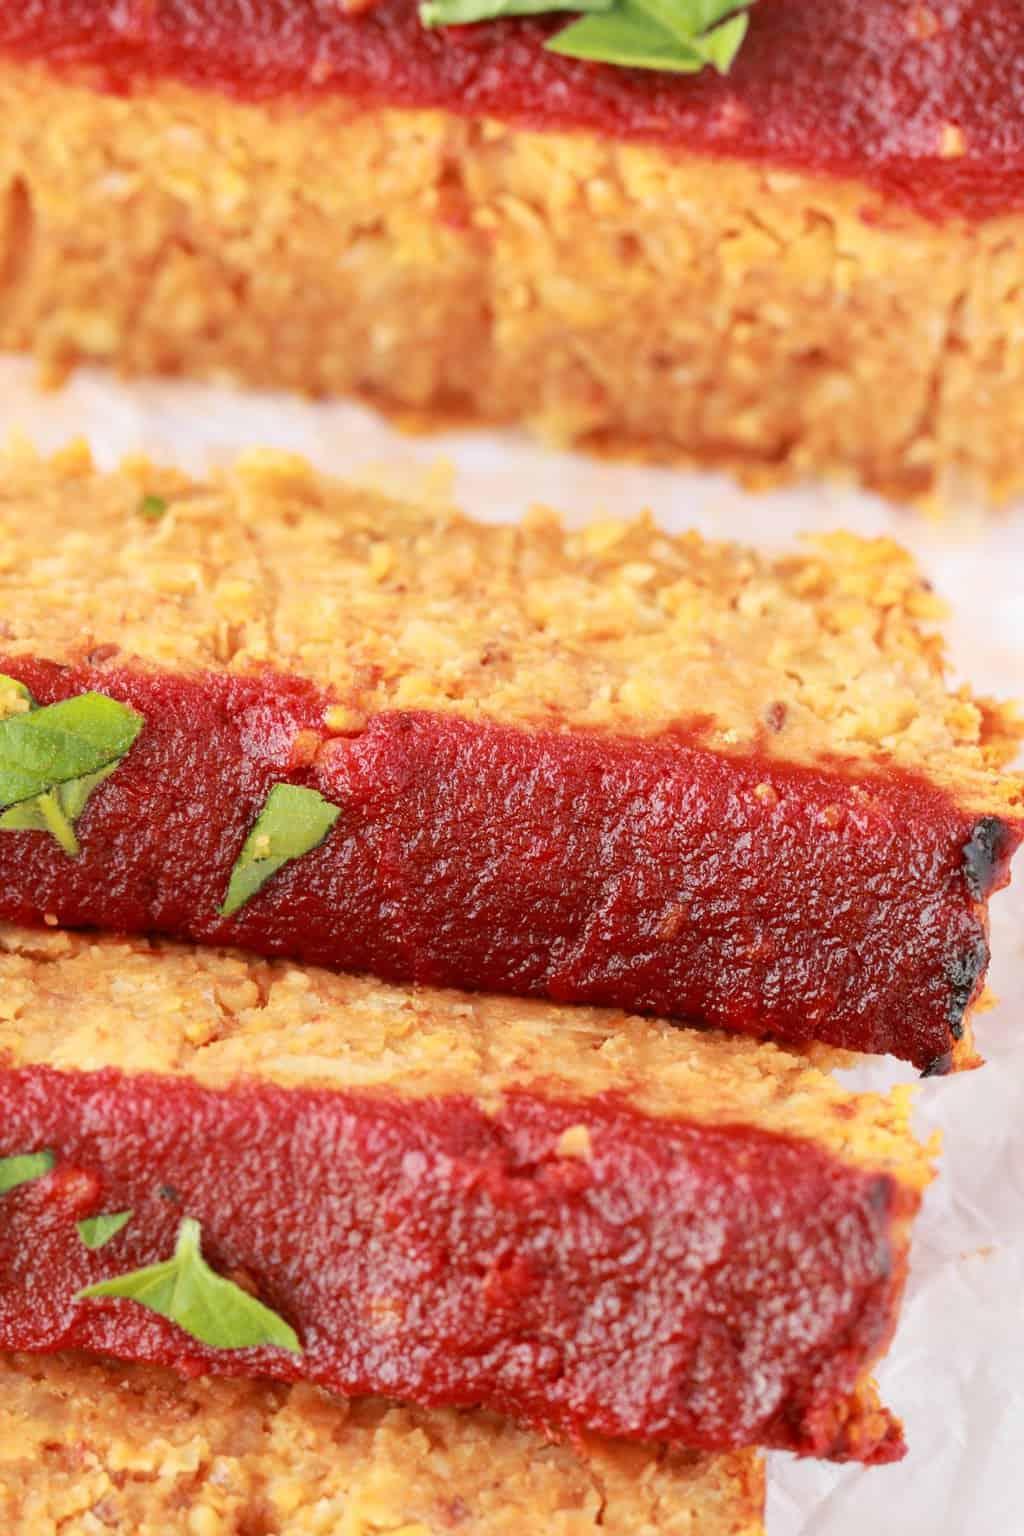 Sliced Vegan Meatloaf on parchment paper.